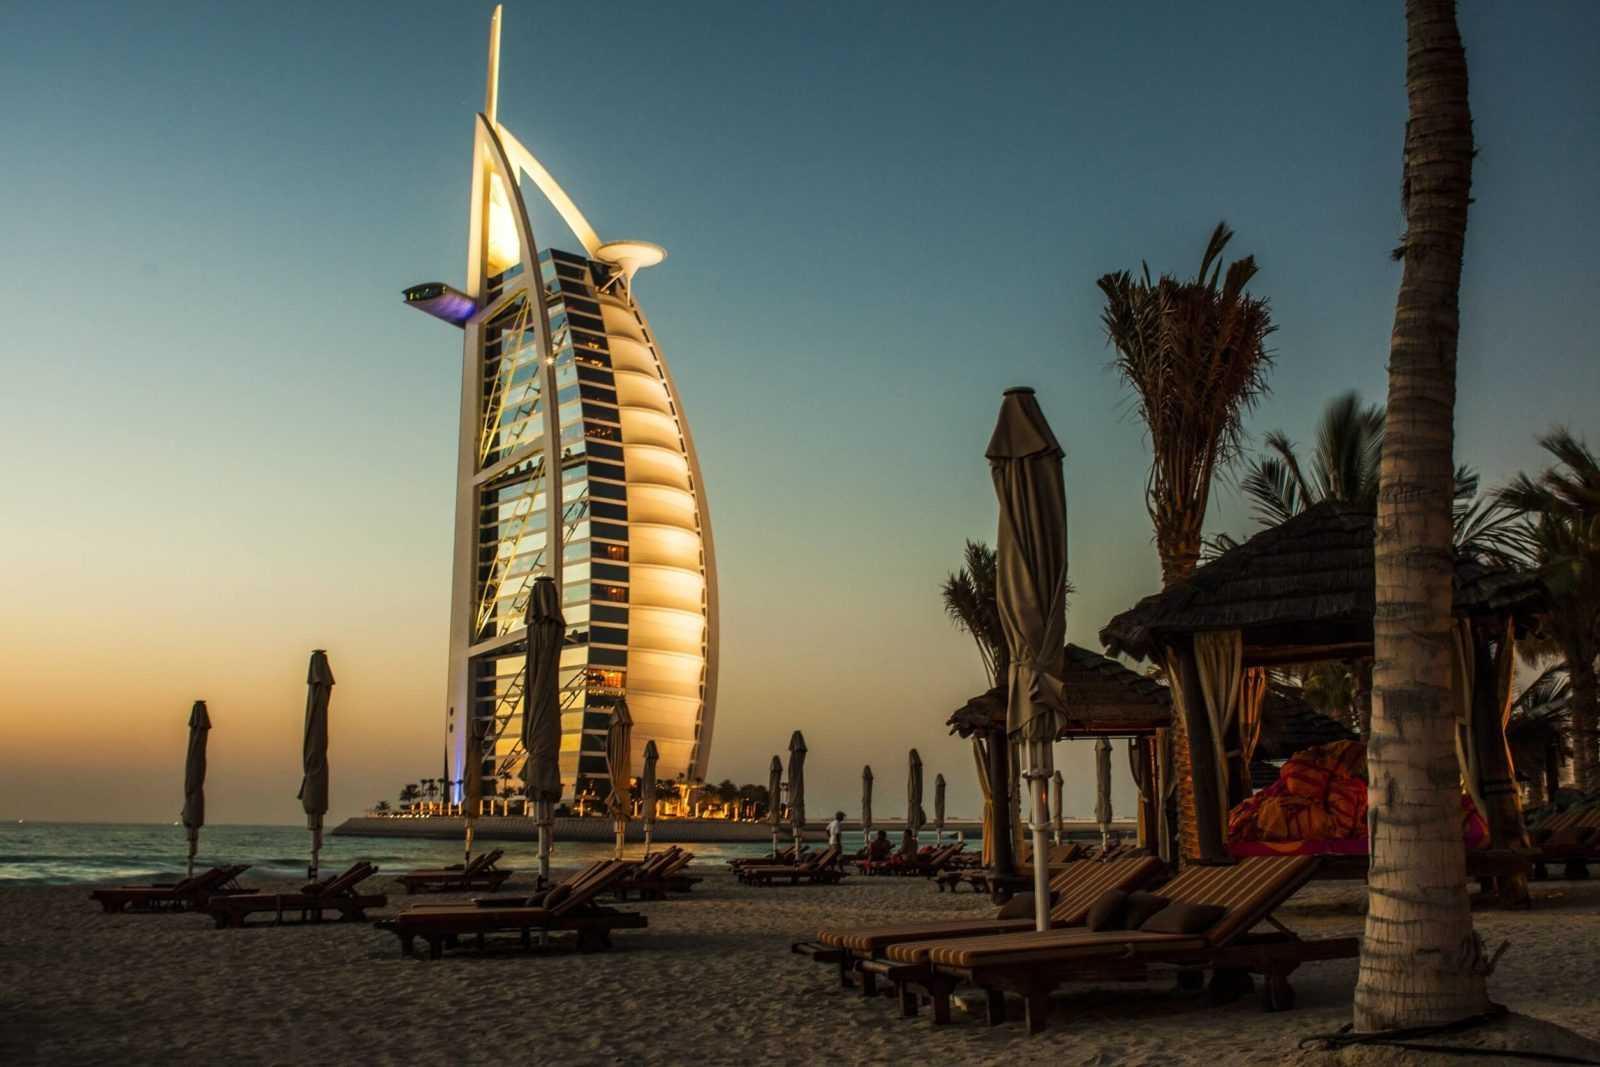 Burj Al Arab - Things to Do in Dubai